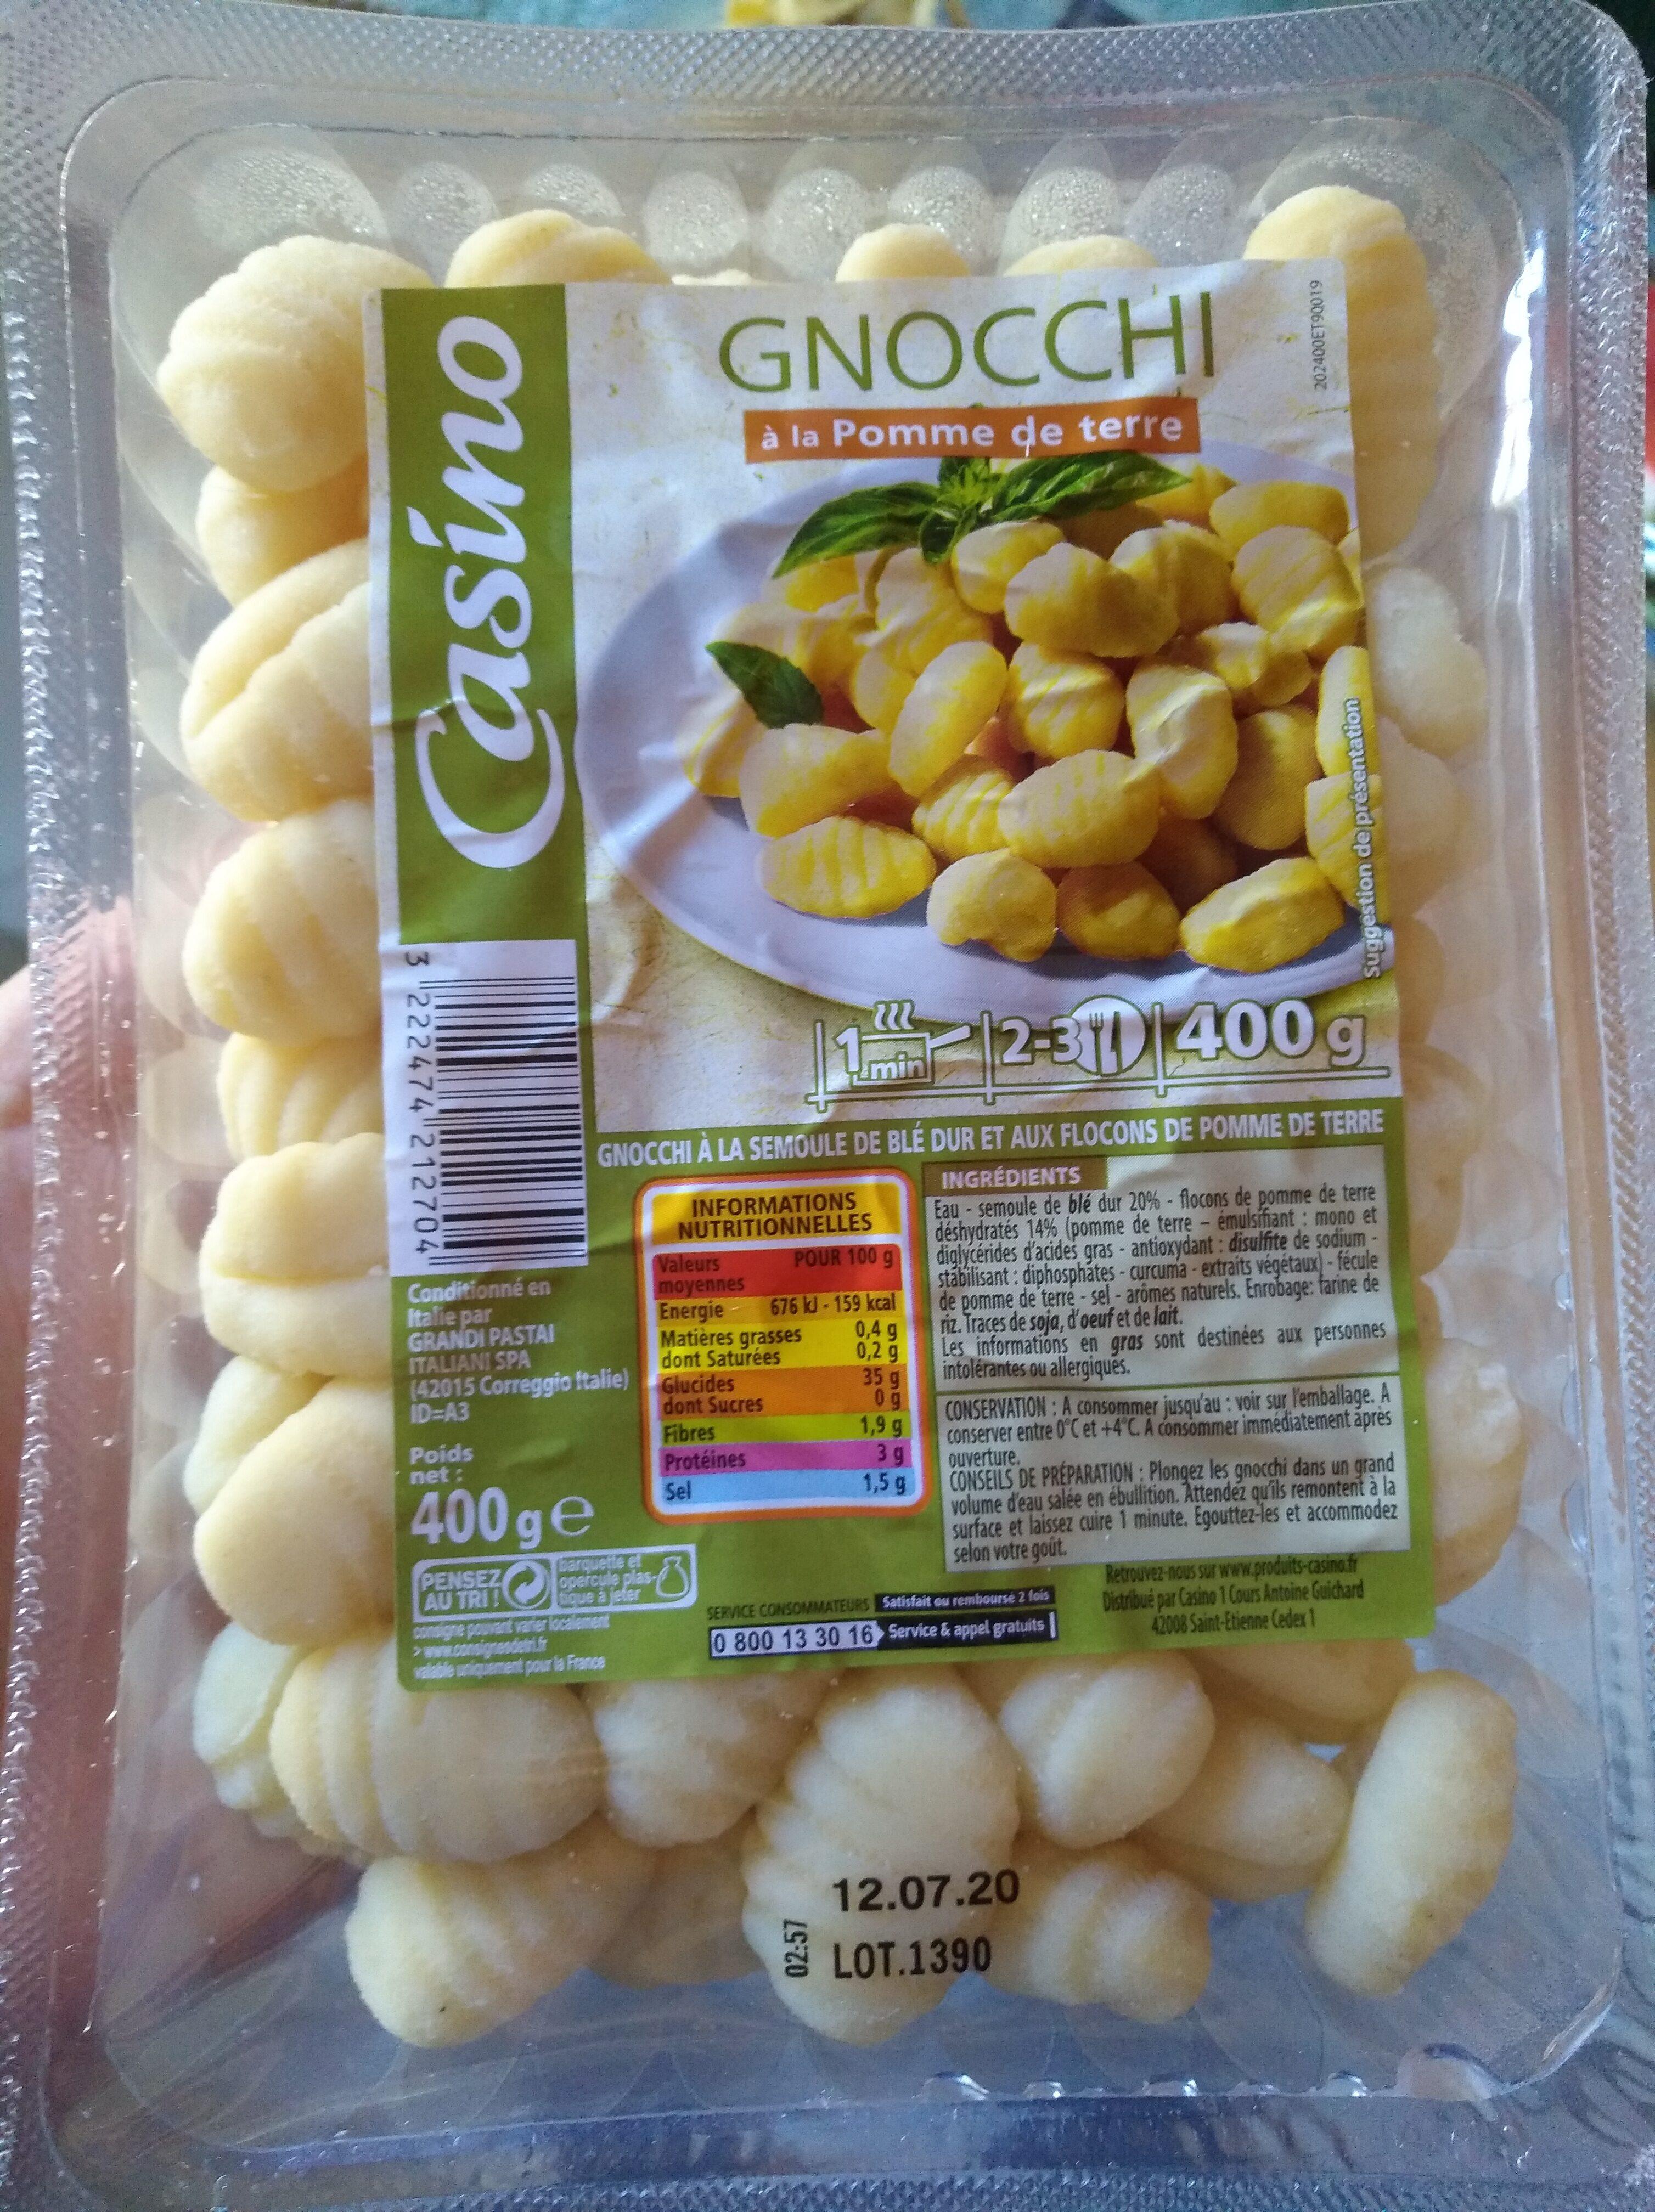 Gnocchi à la Pomme de terre - Produkt - fr